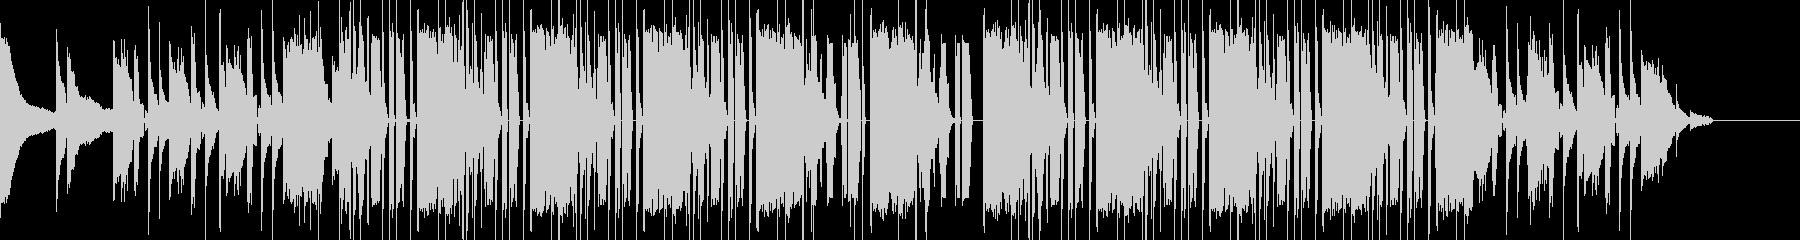 ヒップホップ ビート モダンの未再生の波形